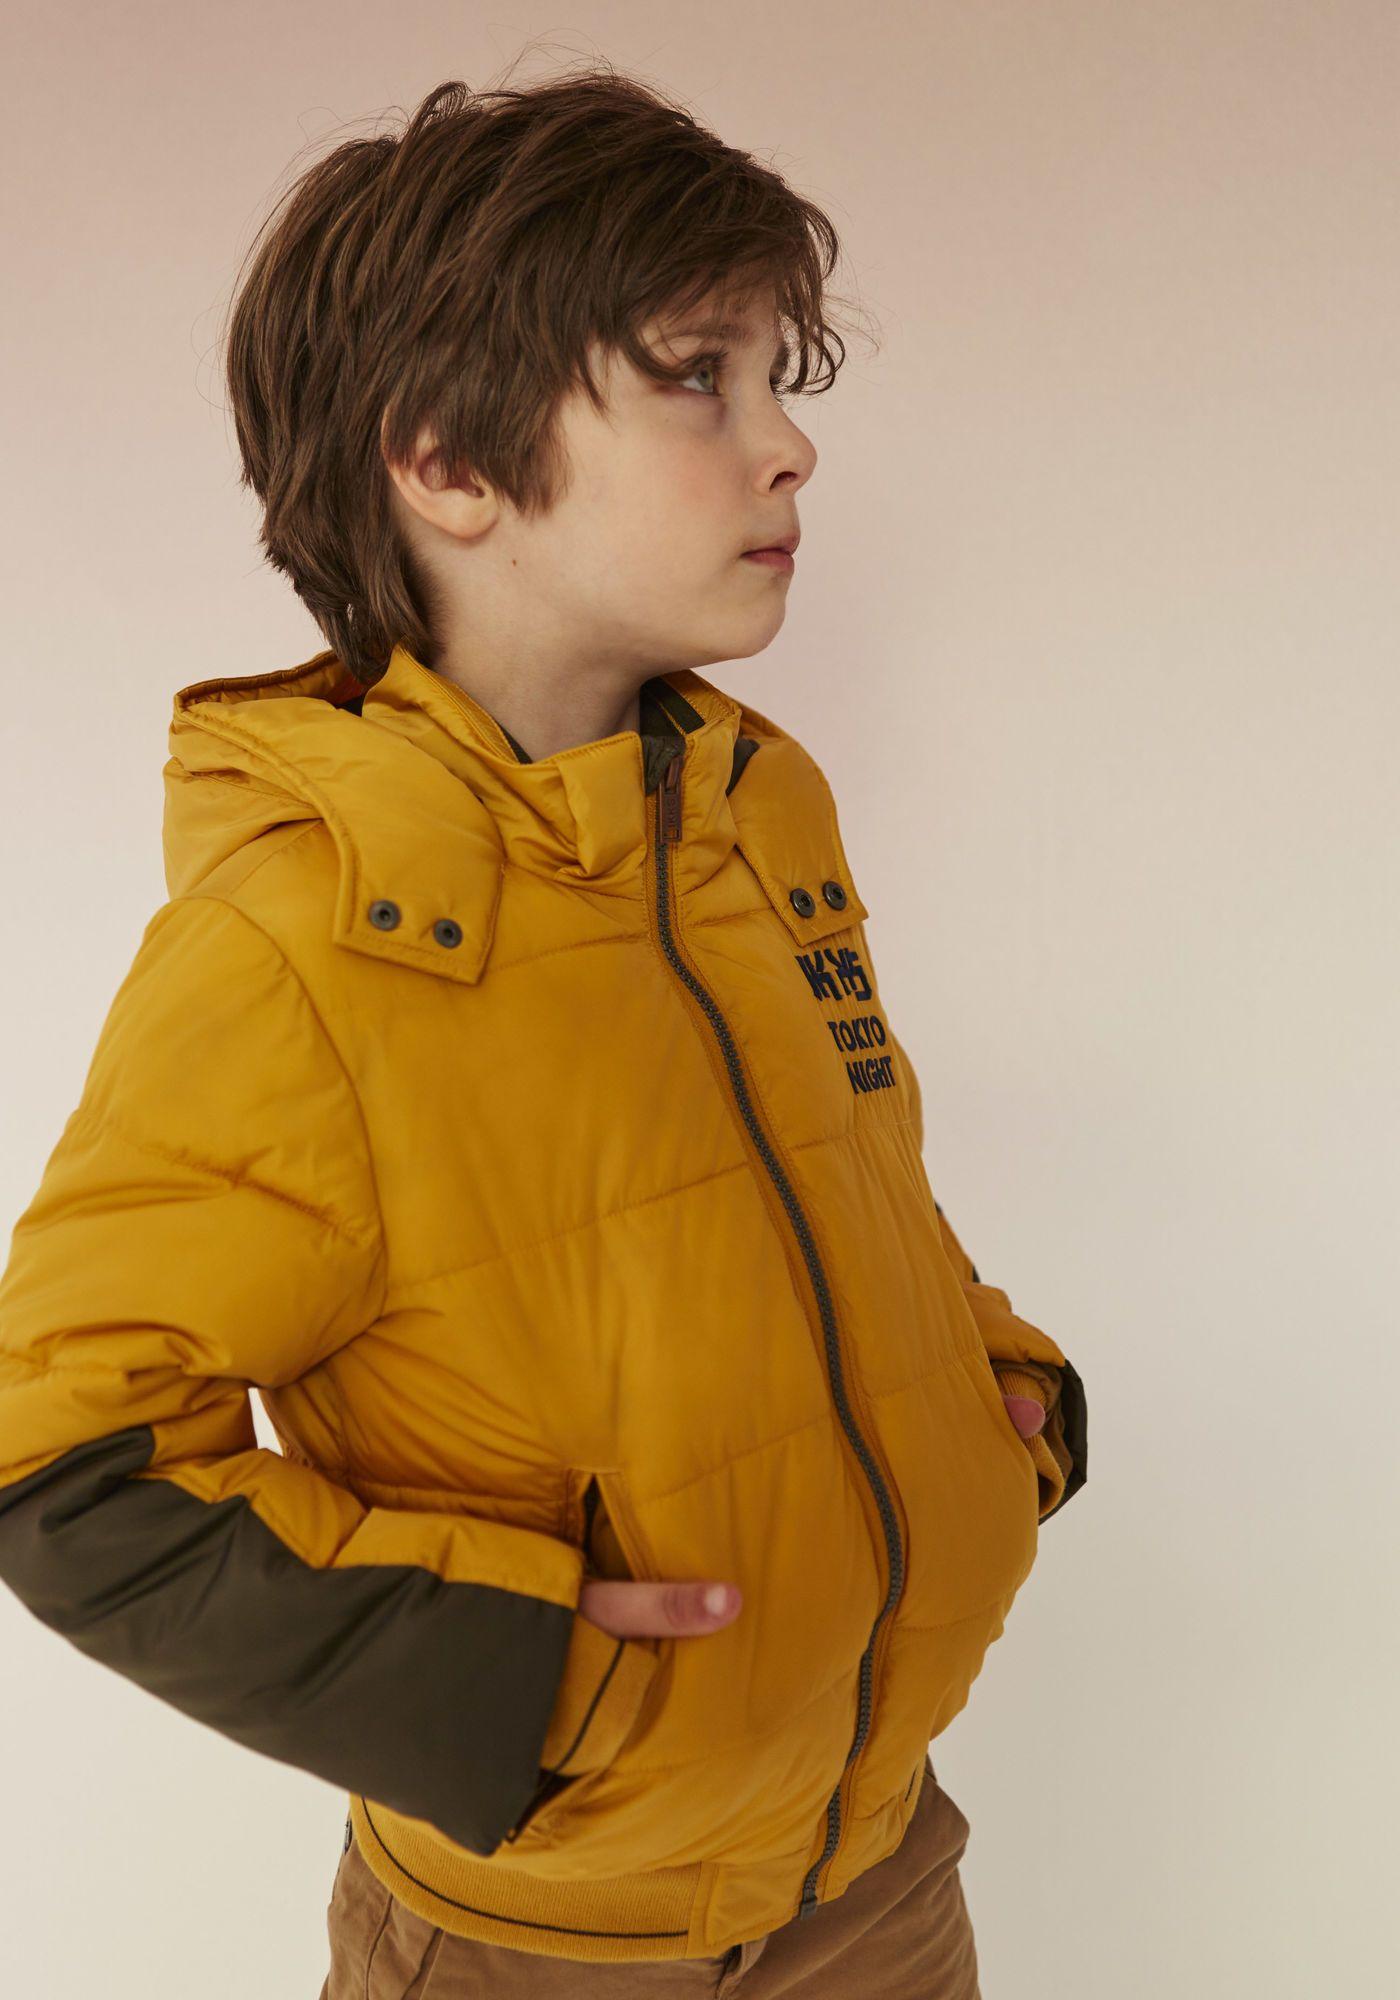 la meilleure attitude d171e 09056 Doudoune jaune garçon IKKS | Mode Automne Hiver Manteau ...